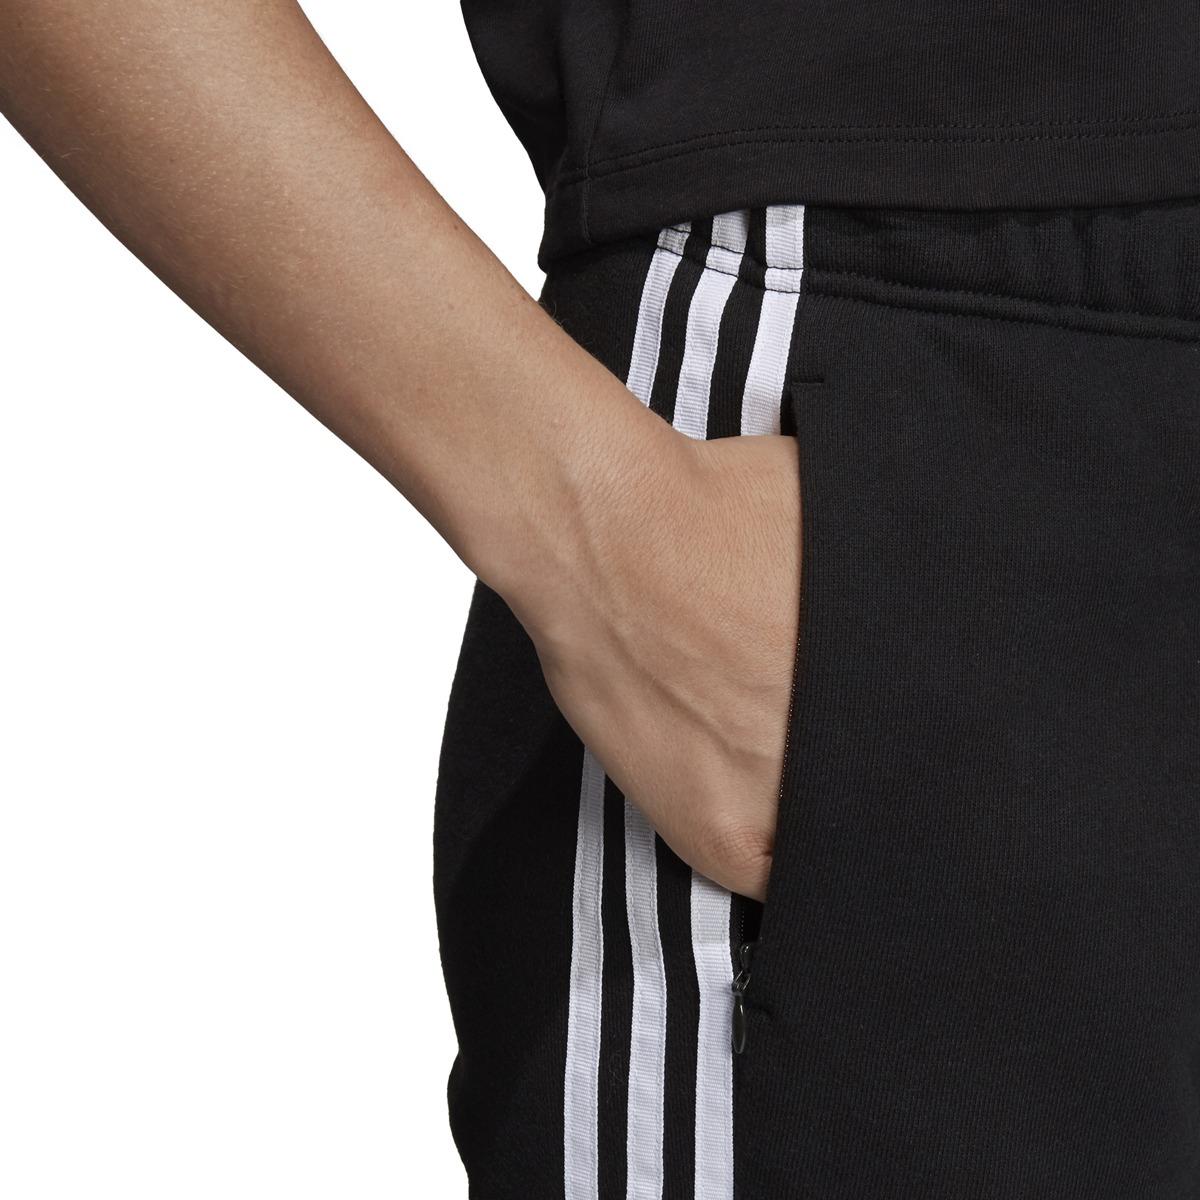 Pantalon adidas Originals Moda Regular Tp Cuf Mujer Ng